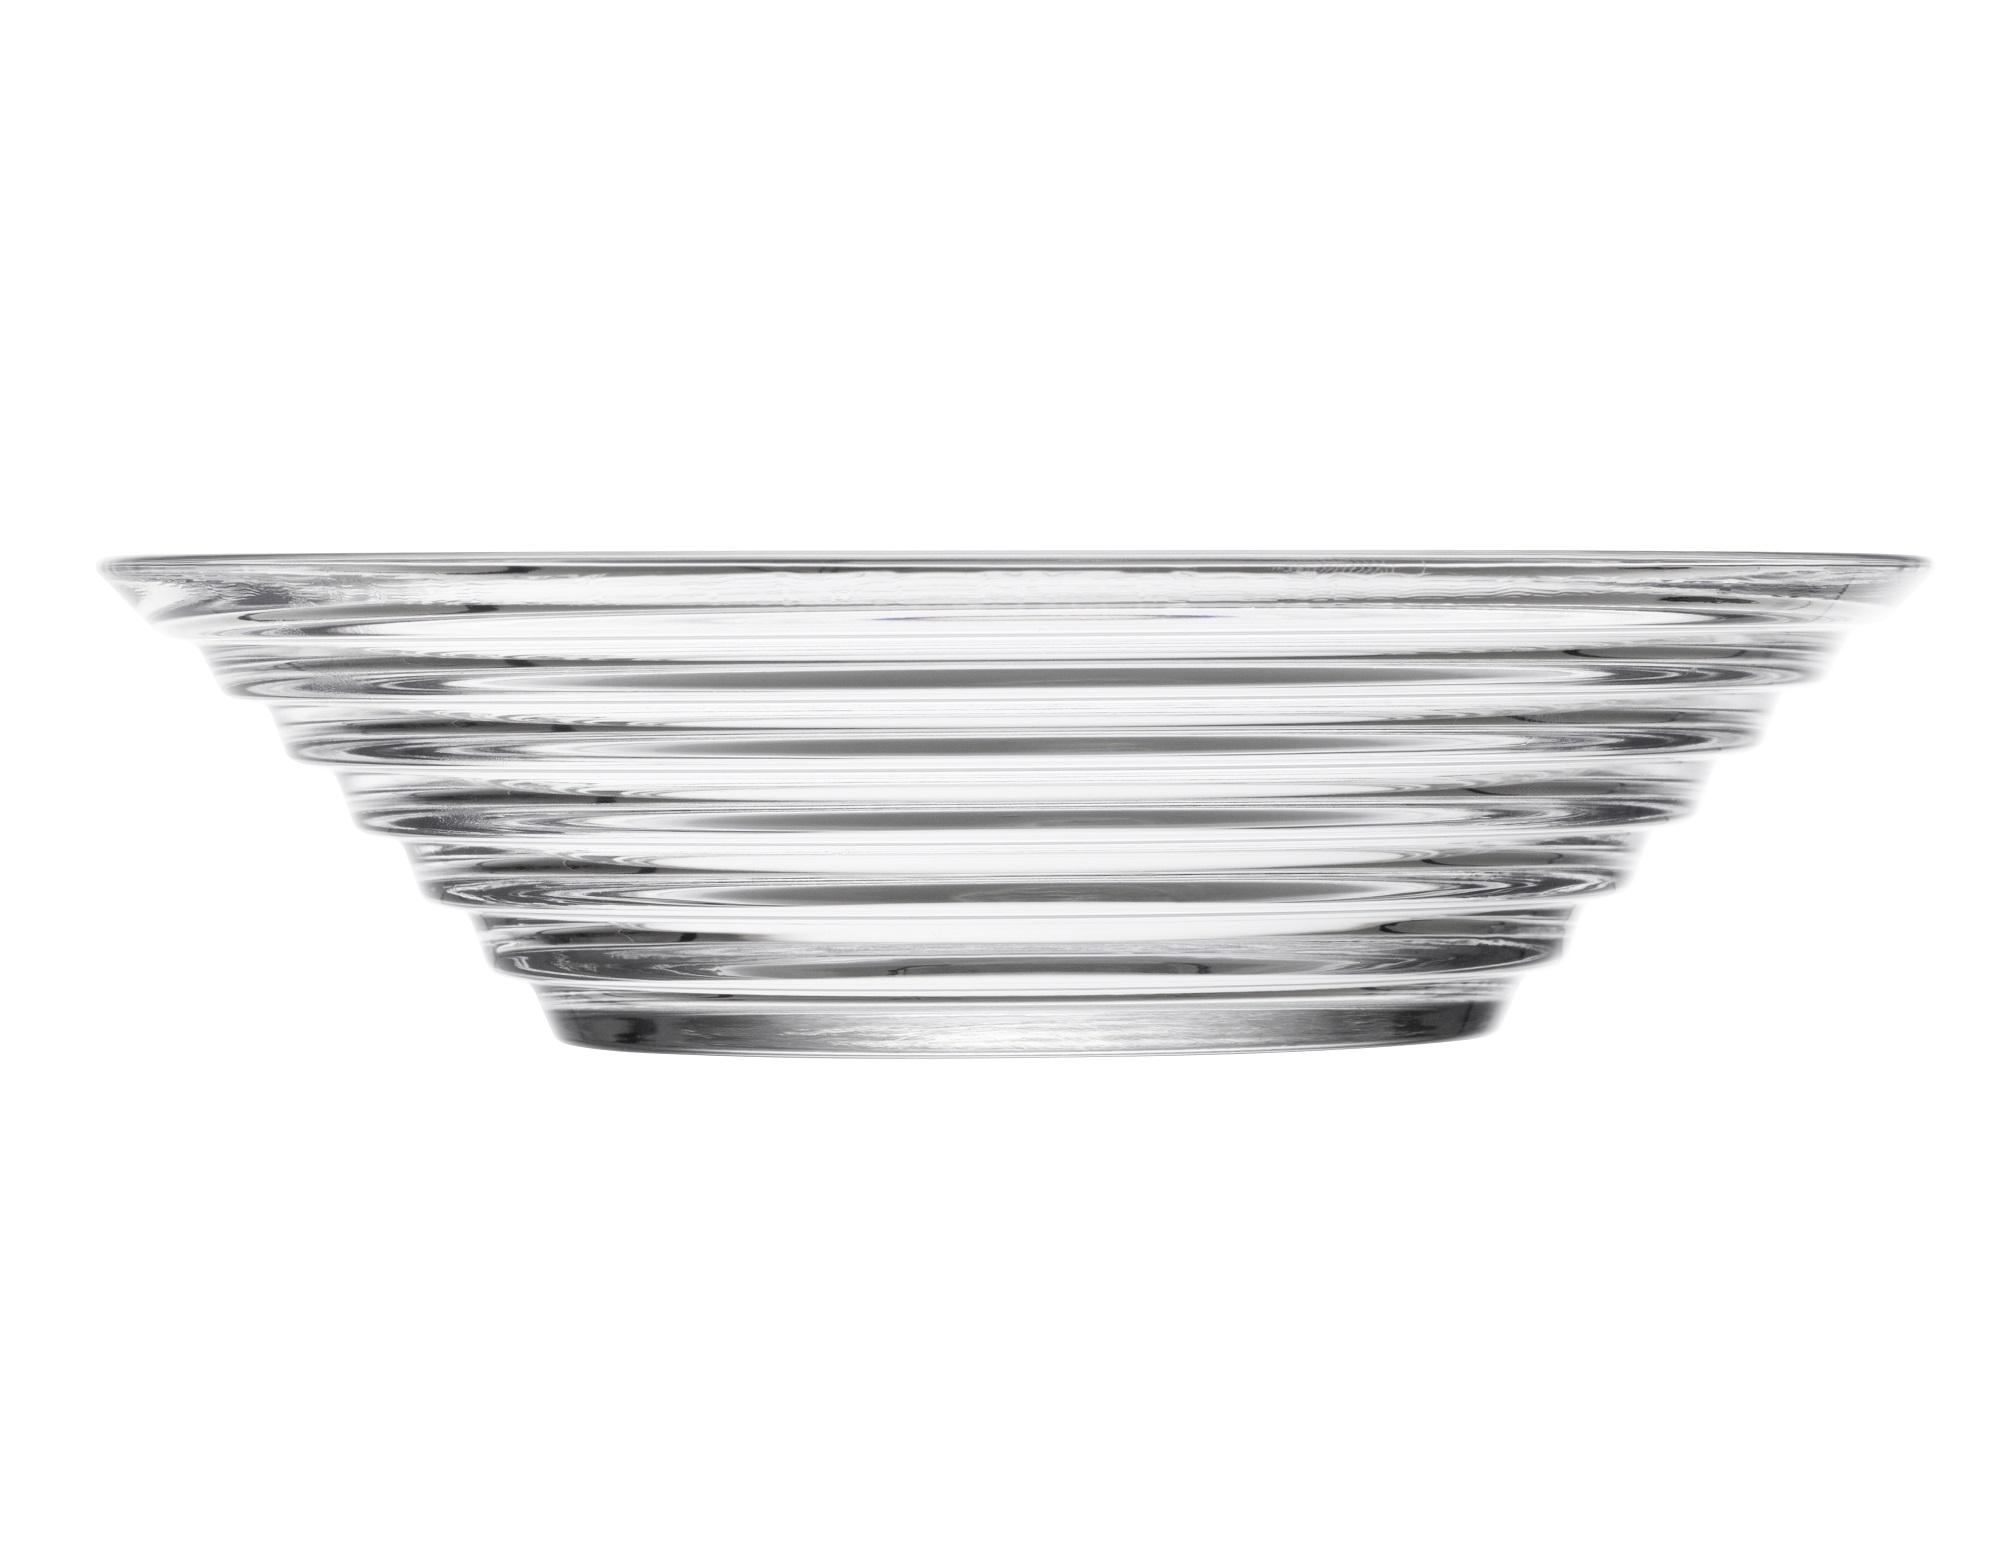 Чаша Aino AaltoМиски и чаши<br>Простота, компактность хранения и универсальность – ключеные характеристики посуды серии Aino Aalto. Этот необычный дизайн раскрывает всю красоту разводов на воде от упавшего камешка. Дизайн не менялся с 1932 года.<br><br>Material: Стекло<br>Length см: None<br>Width см: None<br>Depth см: None<br>Height см: 3<br>Diameter см: 15